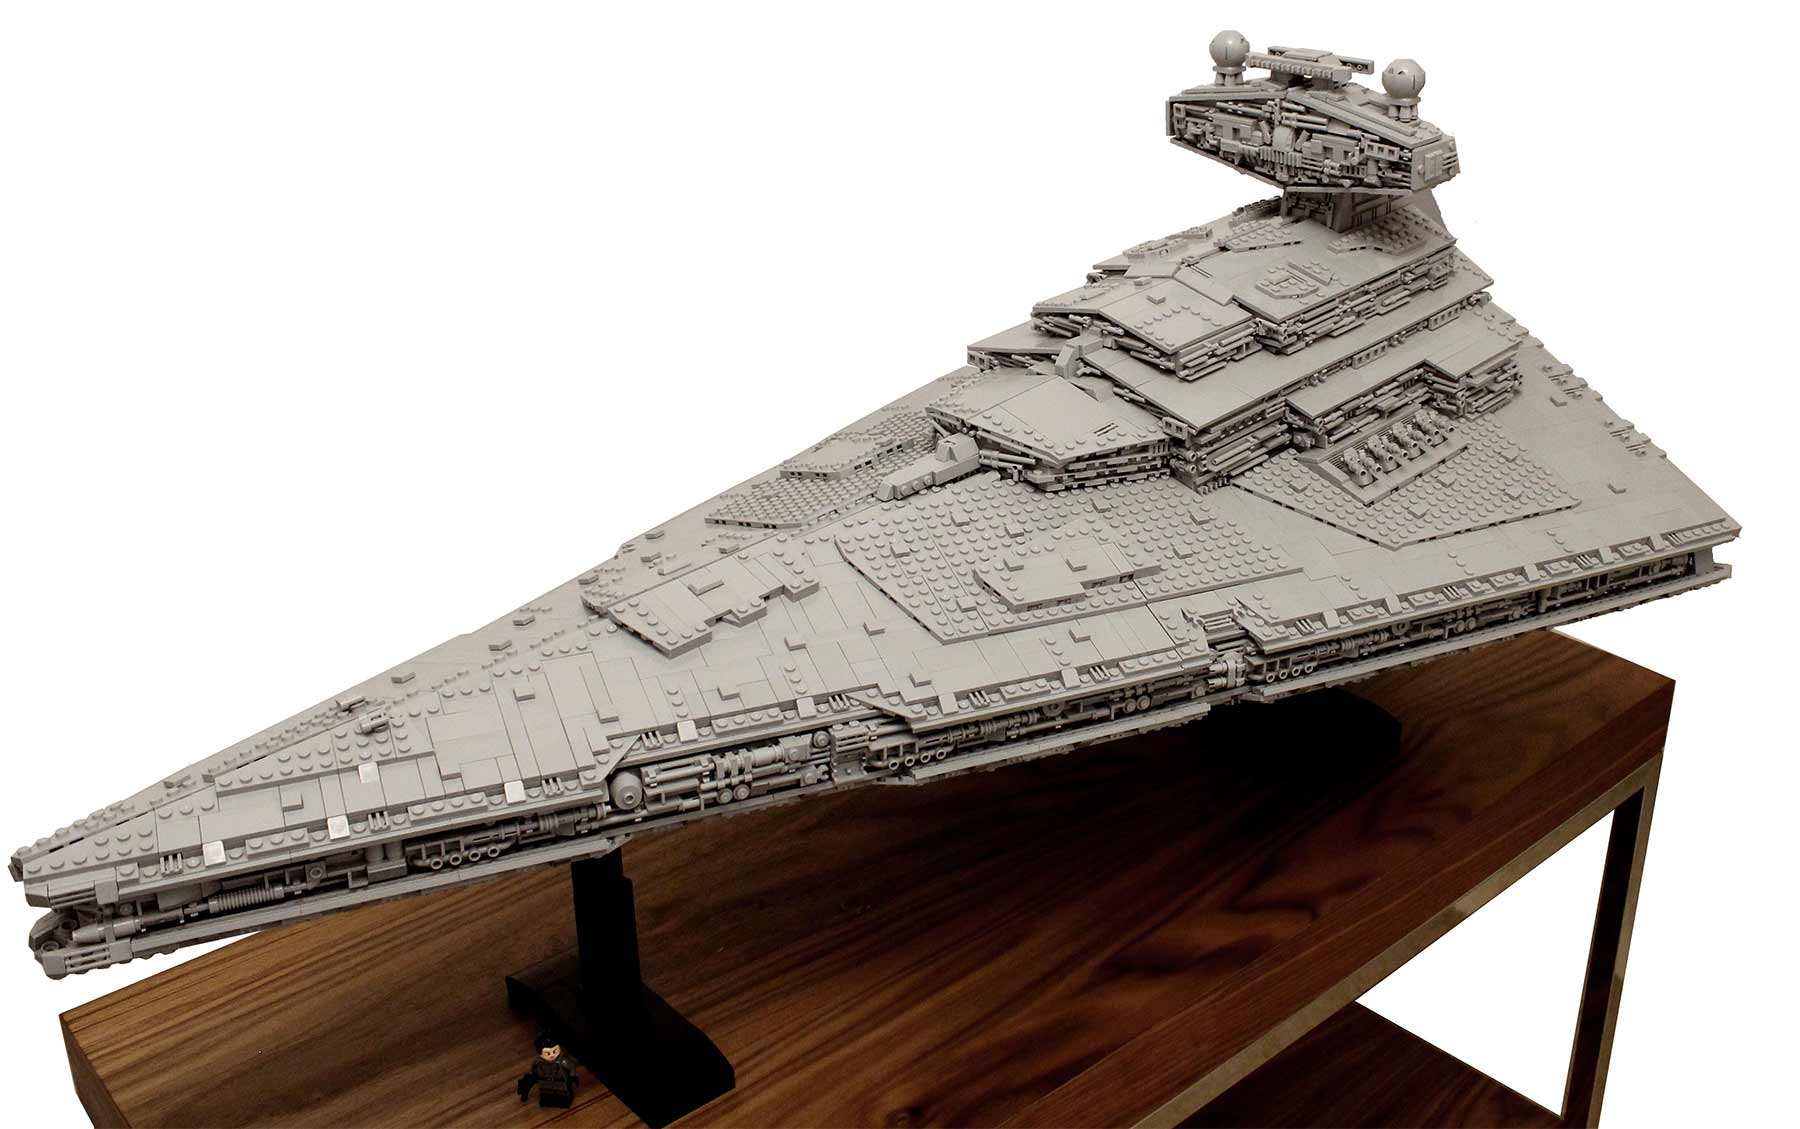 Gigantischer Sternzerstörer aus LEGO lego-sternzerstoerer-star-wars-riesig_01